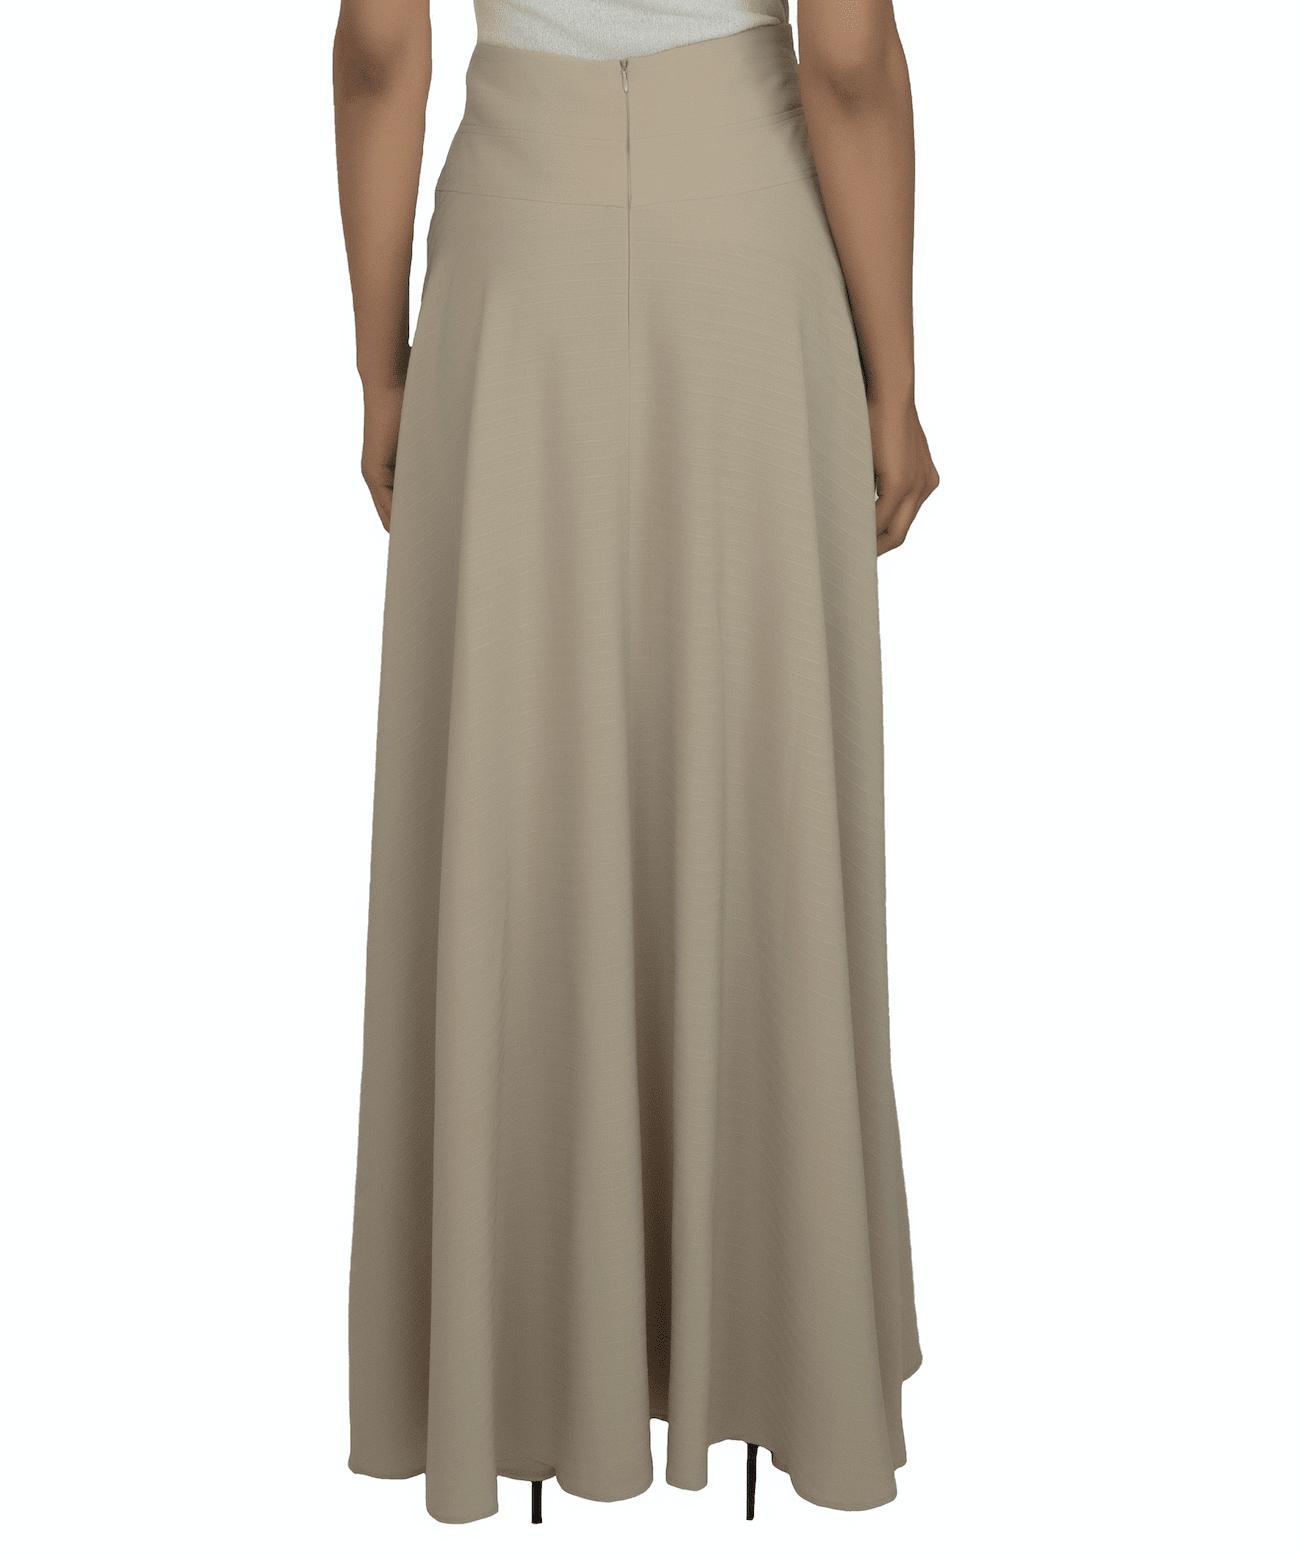 Skirt DIPHDA 3